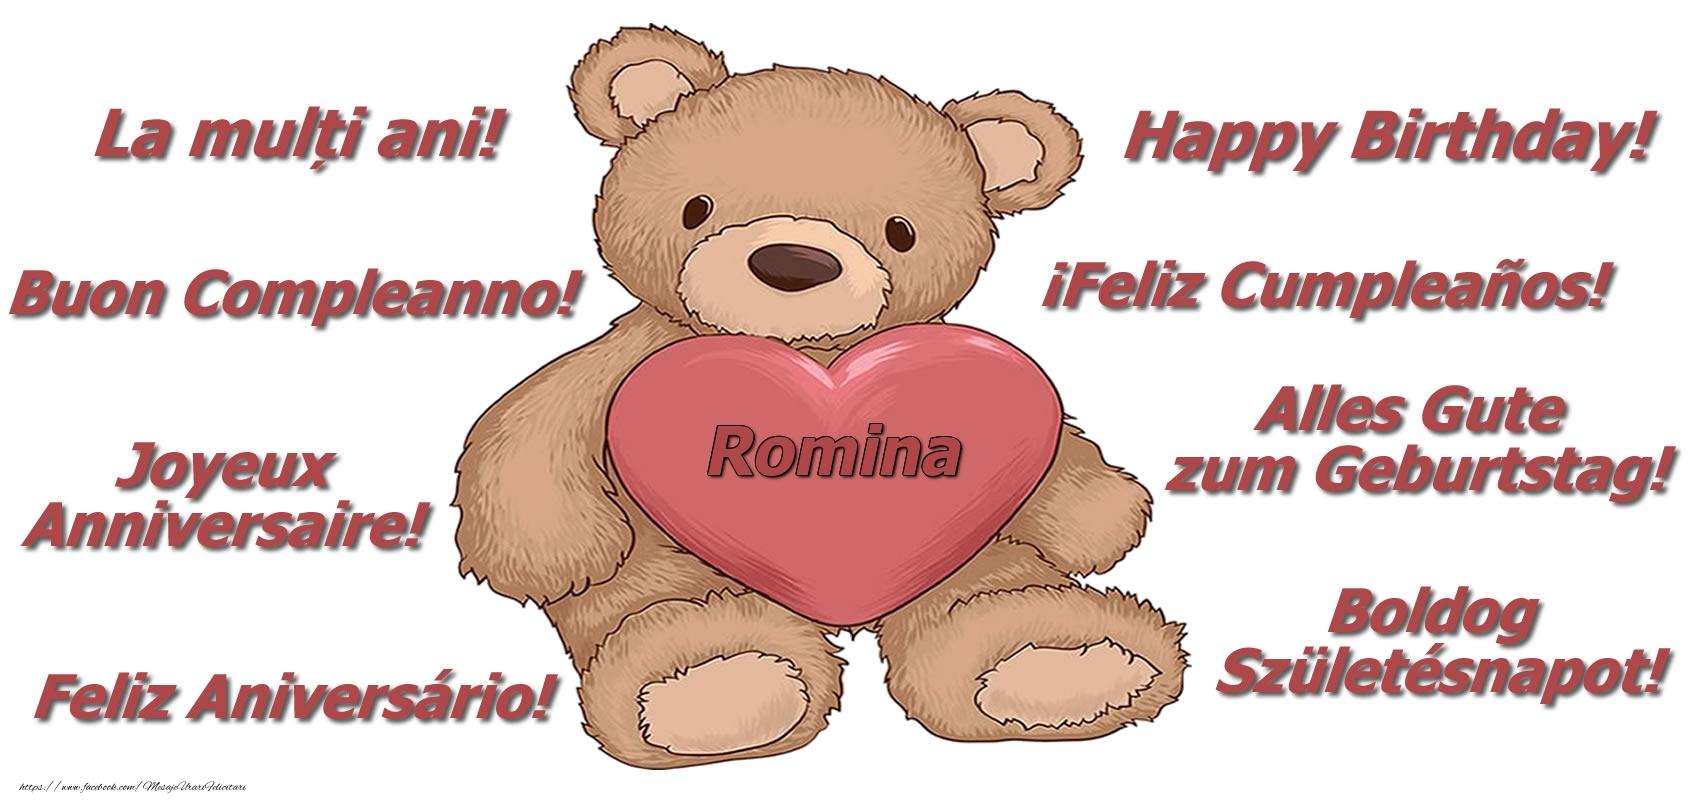 Felicitari de zi de nastere - La multi ani Romina! - Ursulet